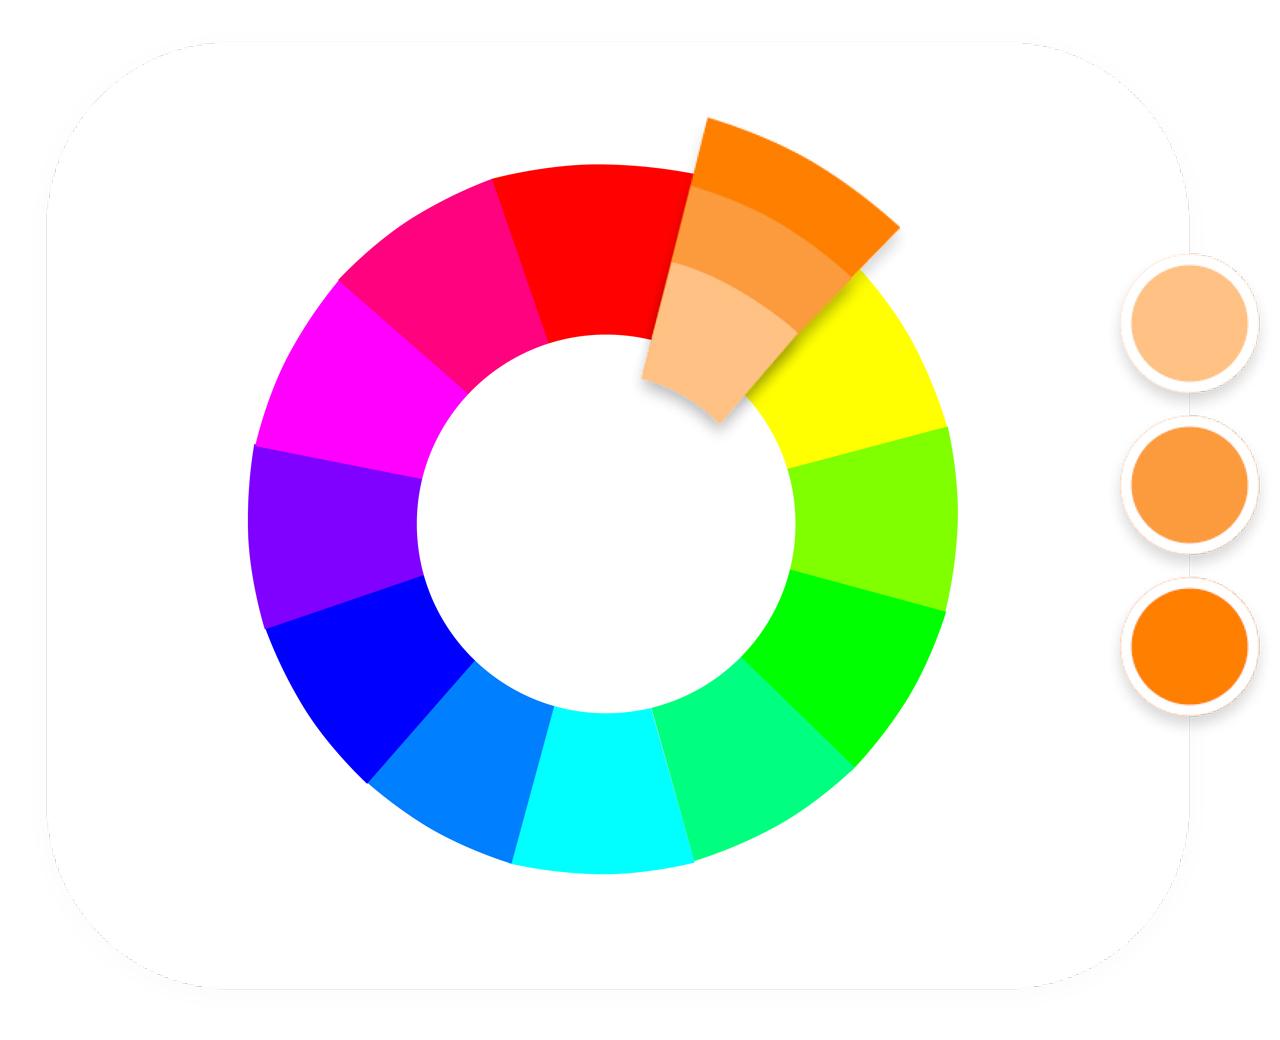 Màu đơn sắc trong bánh xe màu sắc